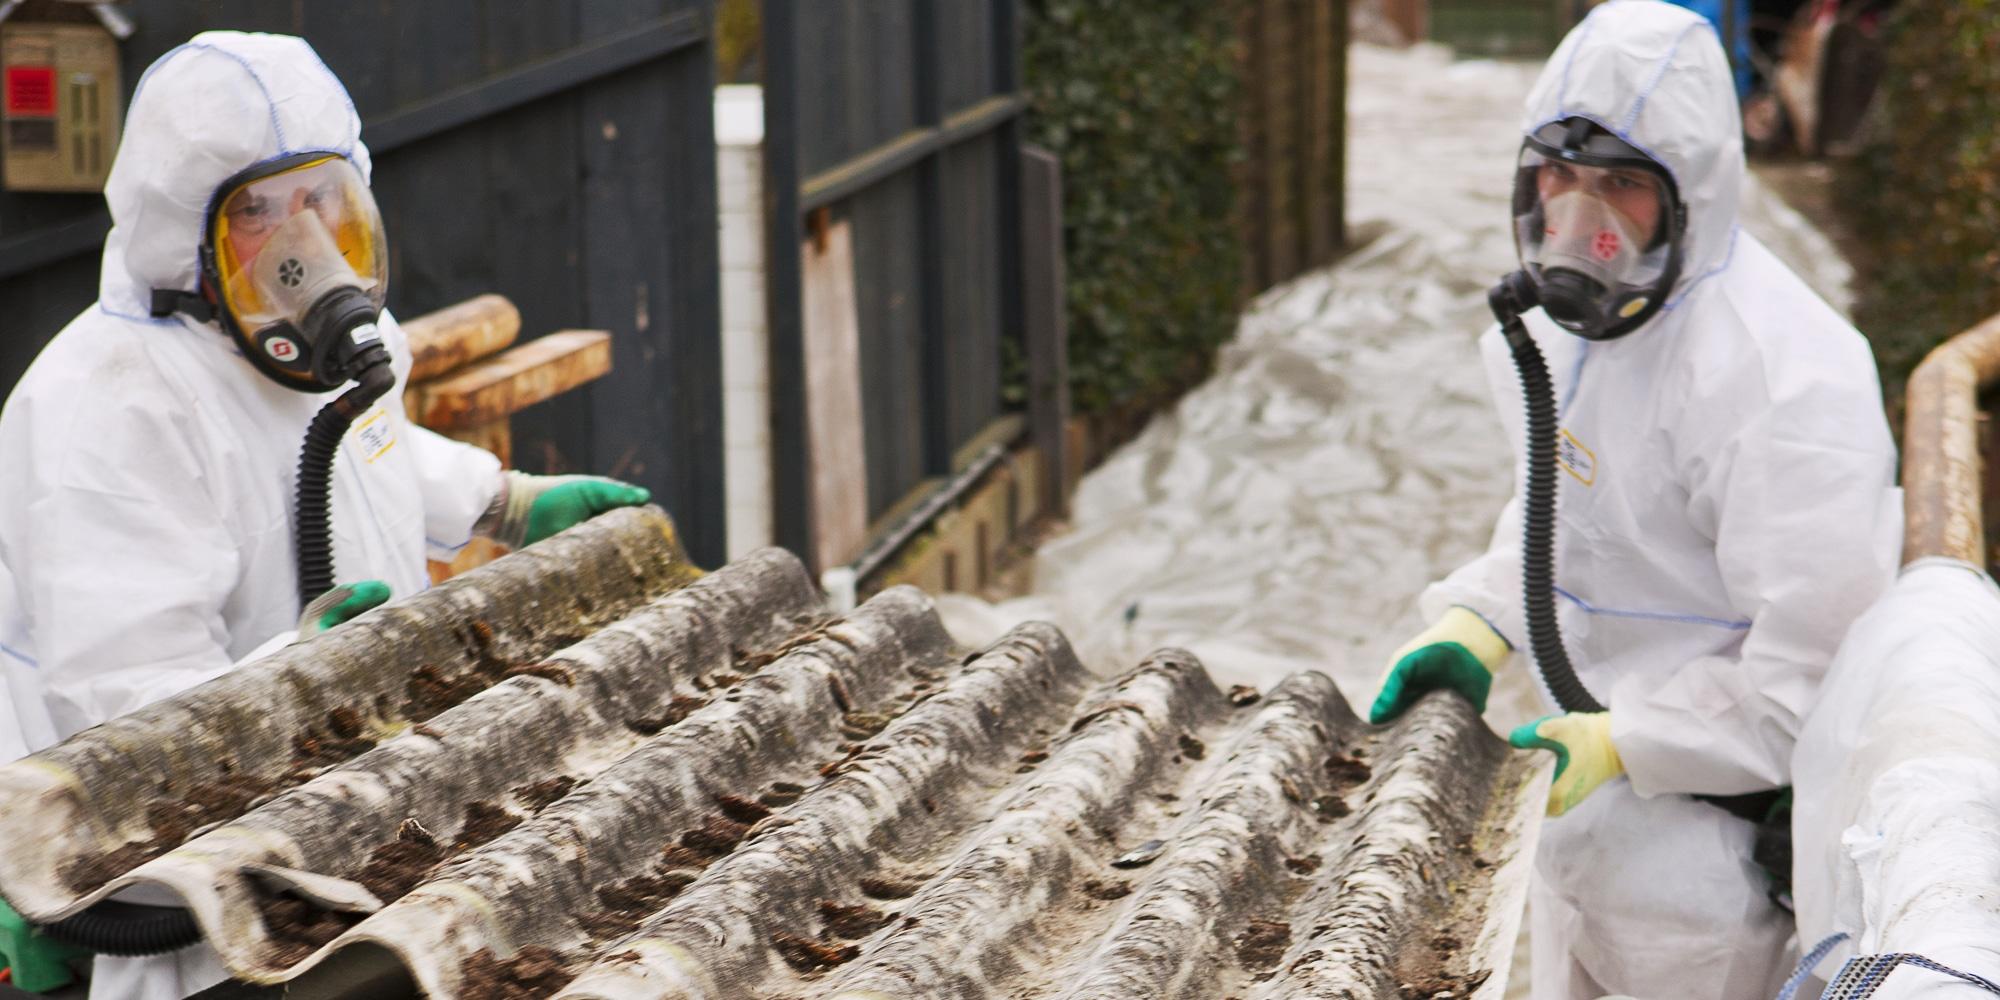 Provincie Overijssel maakt werk van asbestdaken waar jongeren komen